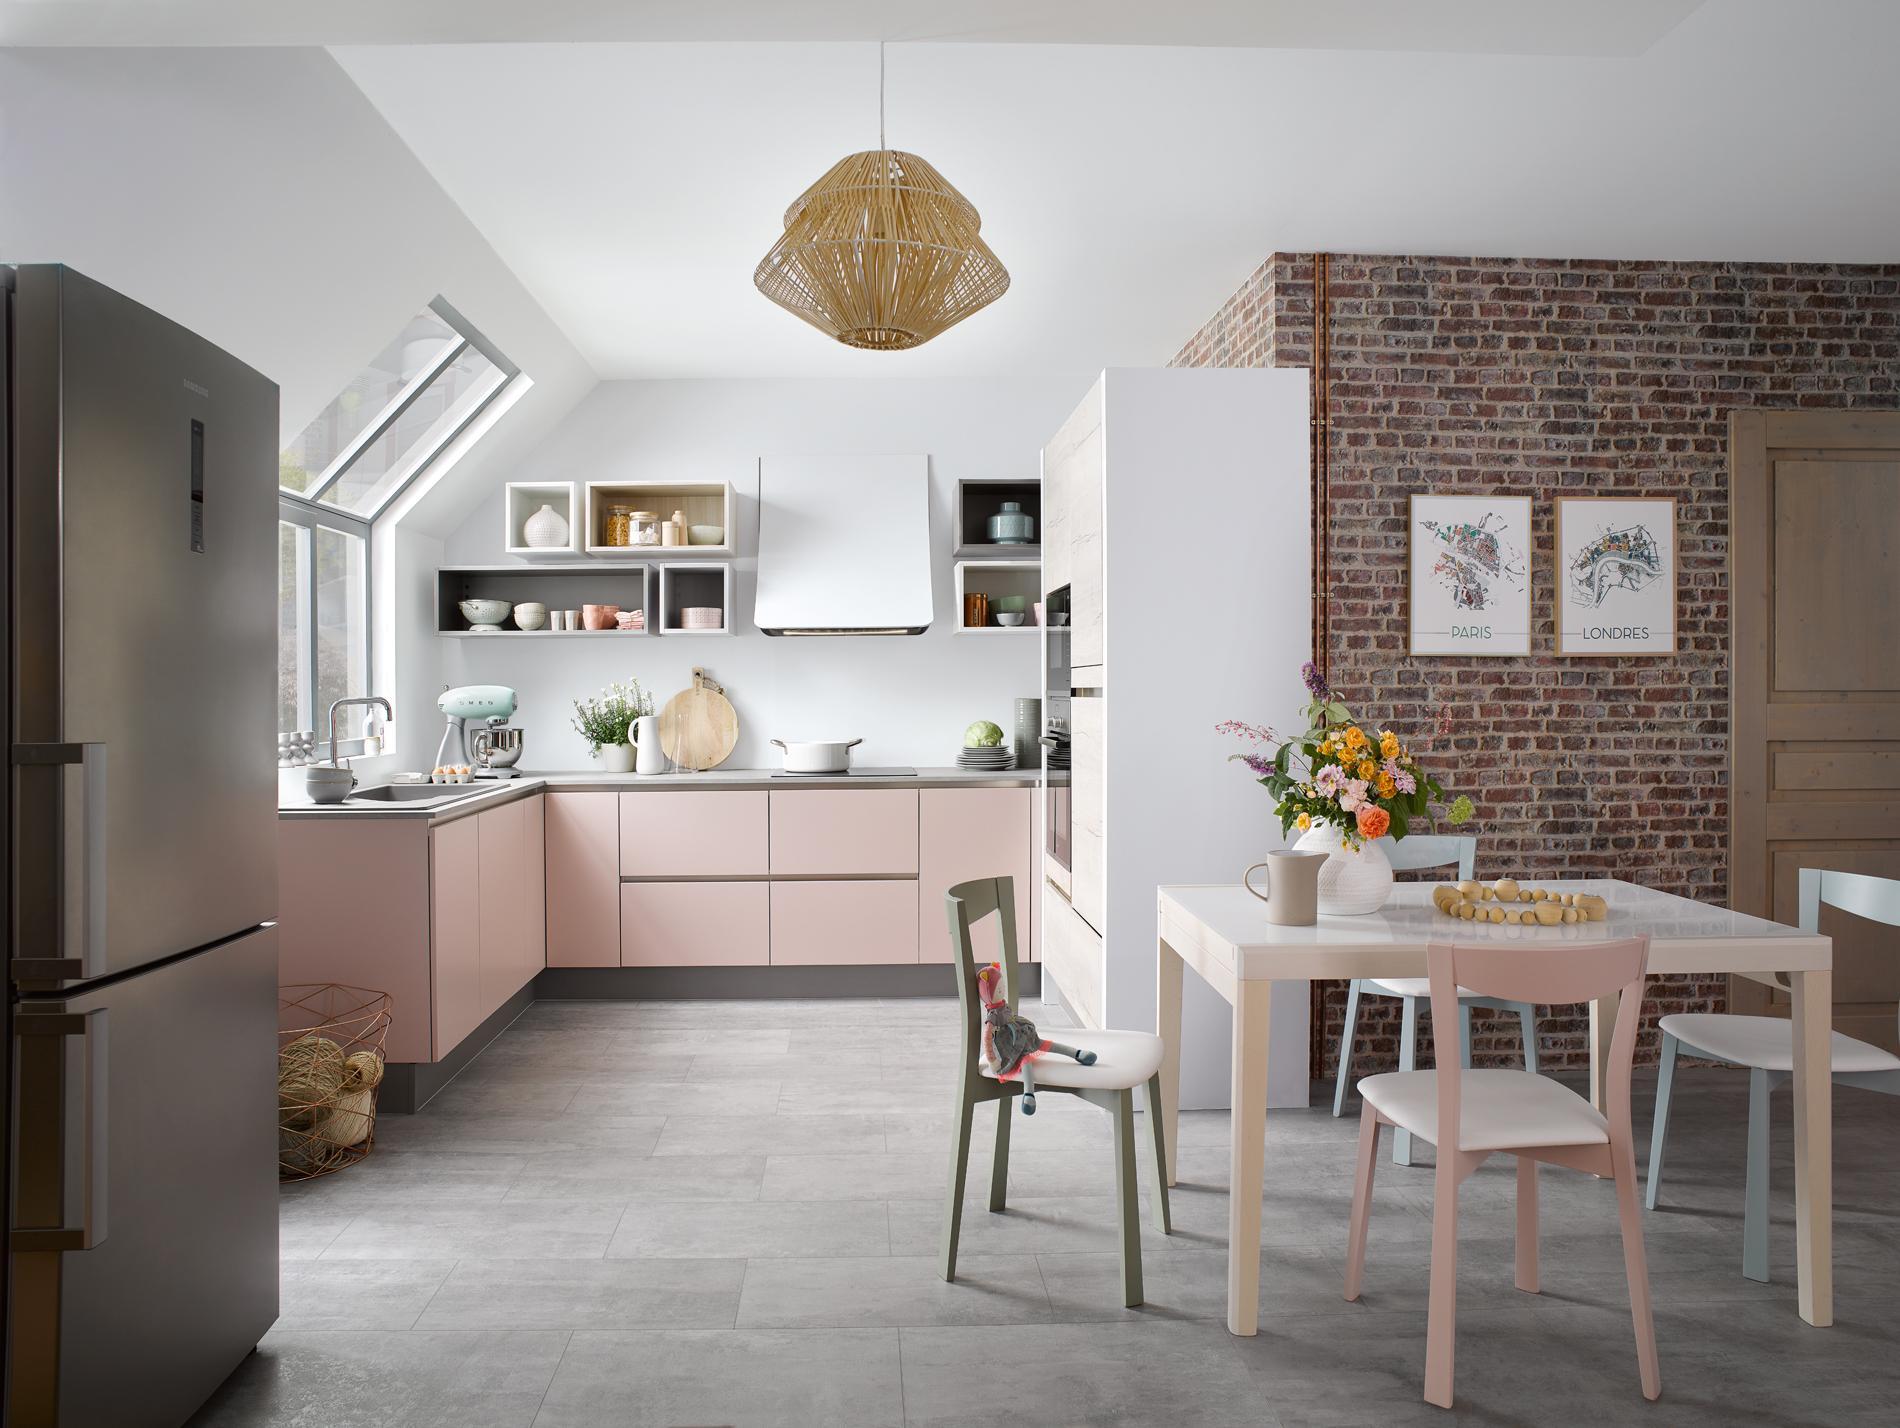 Les 15 commandements pour embellir une cuisine ouverte - Madame Figaro